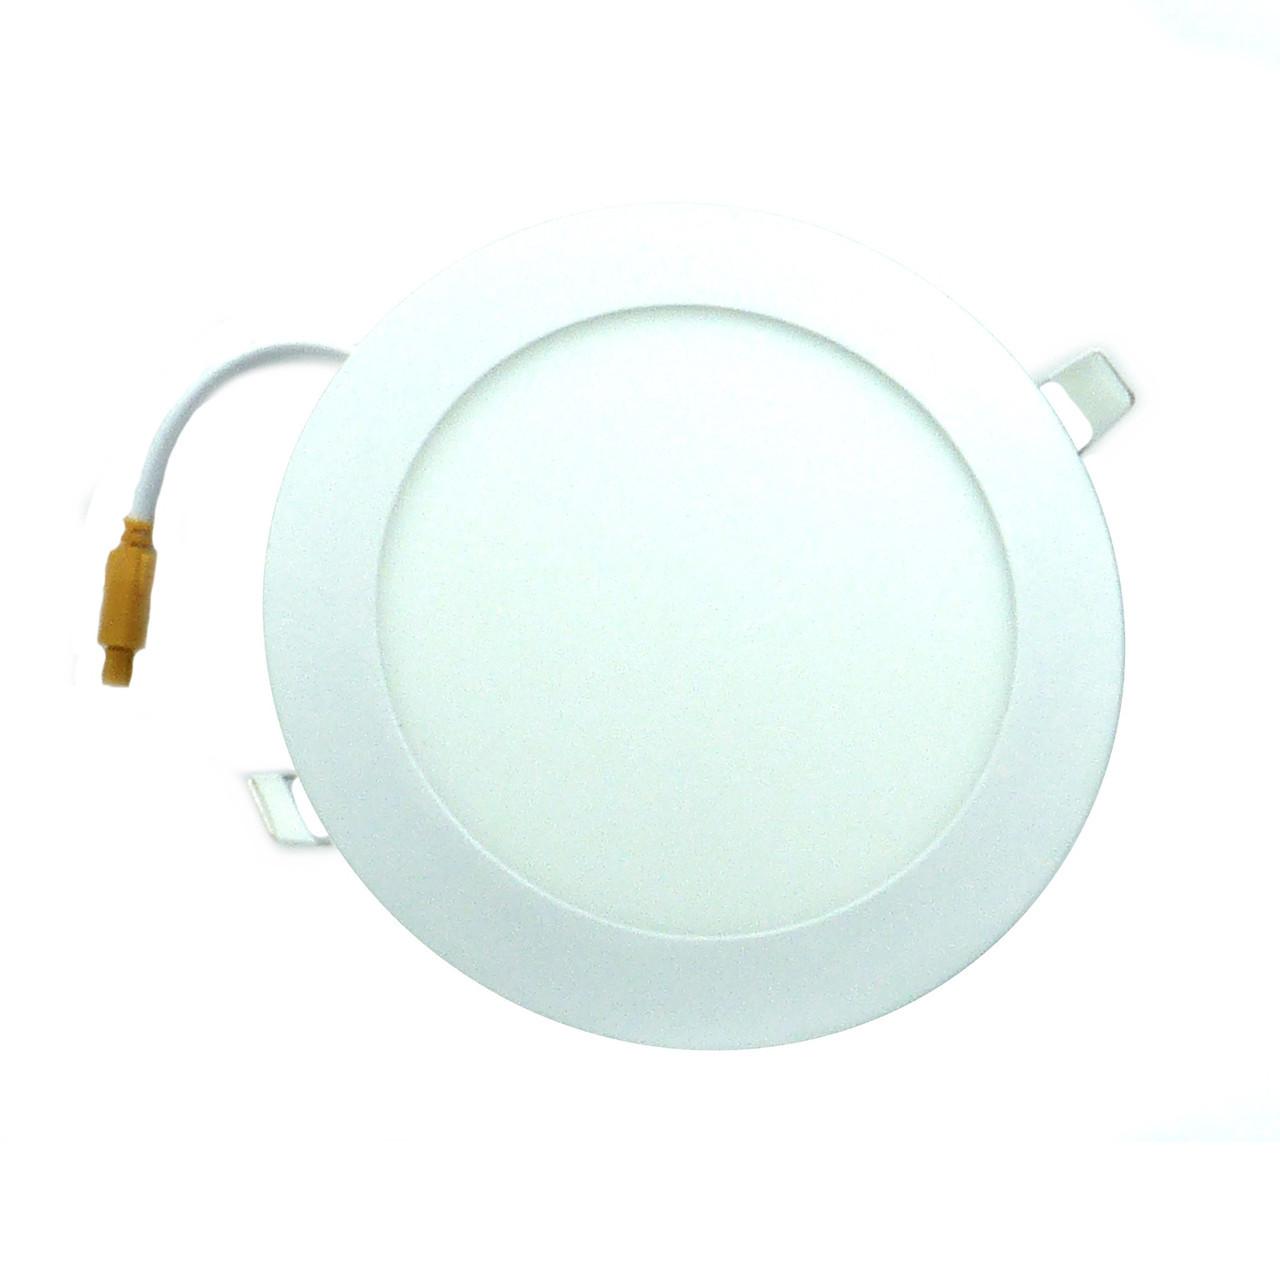 Светодиодный светильник встраиваемый LED panel light 12 Вт